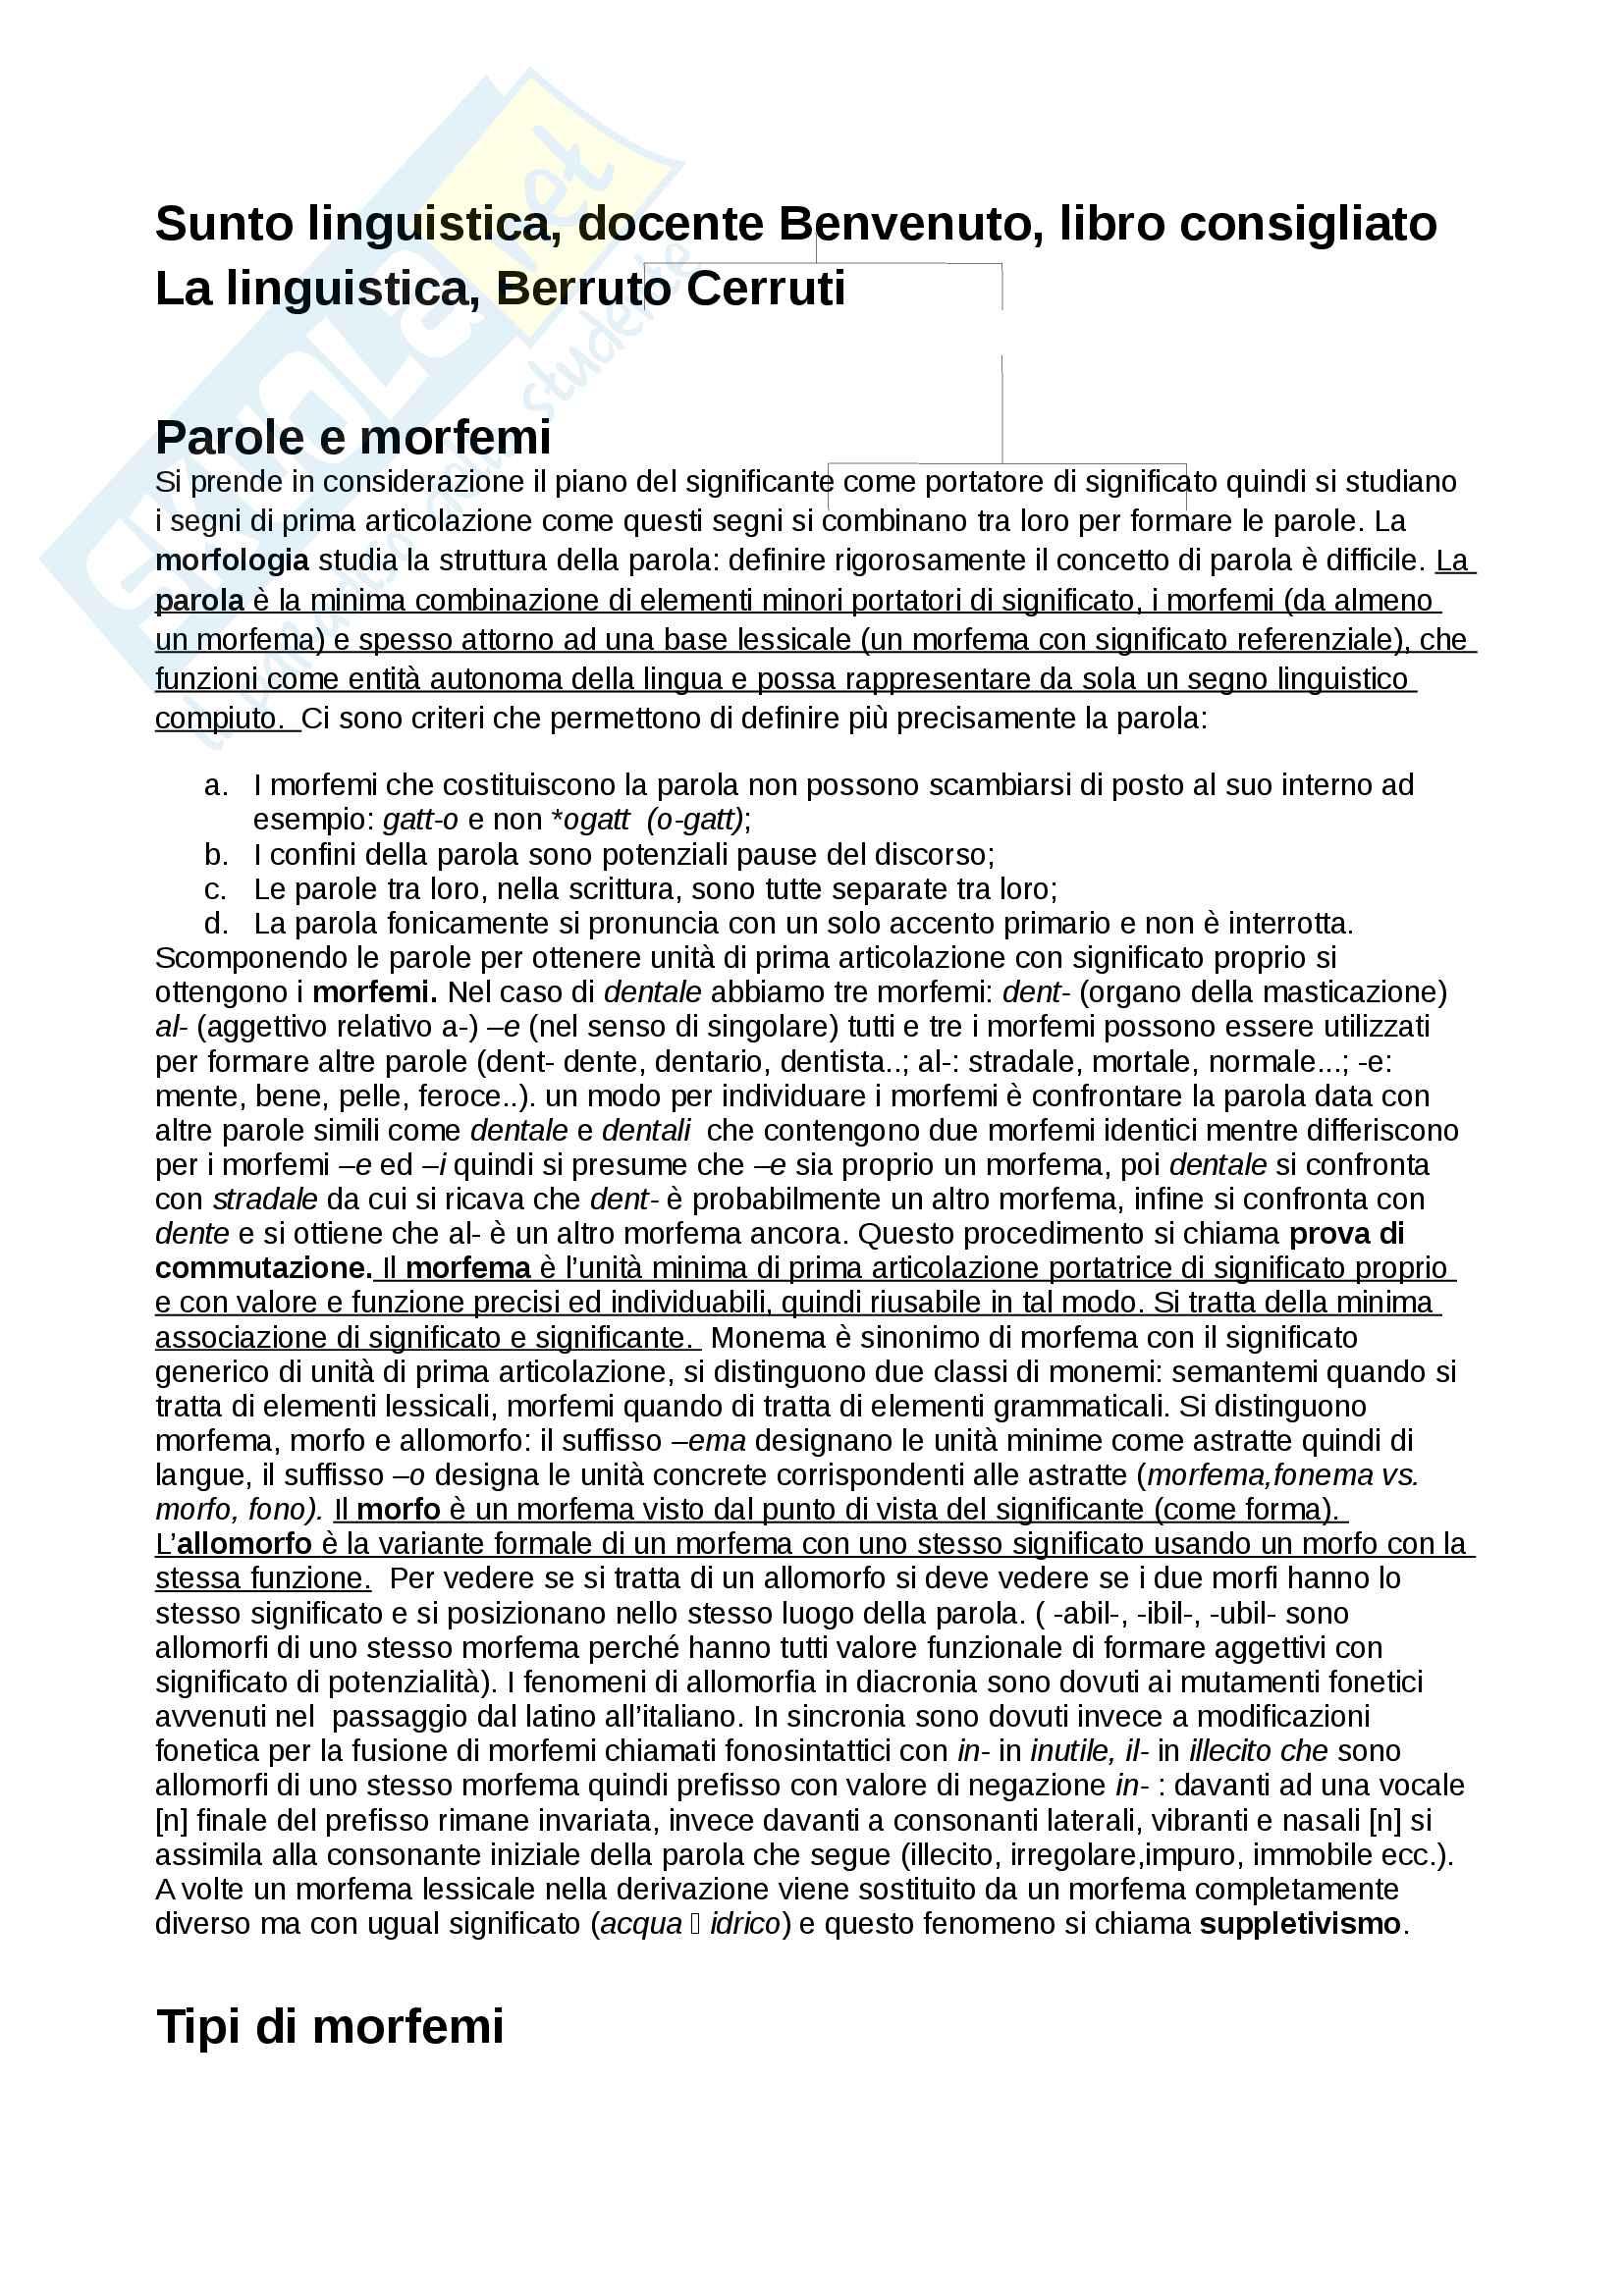 Riassunto esame linguistica, docente Benvenuto, libro consigliato La linguistica, Berruto Cerruti